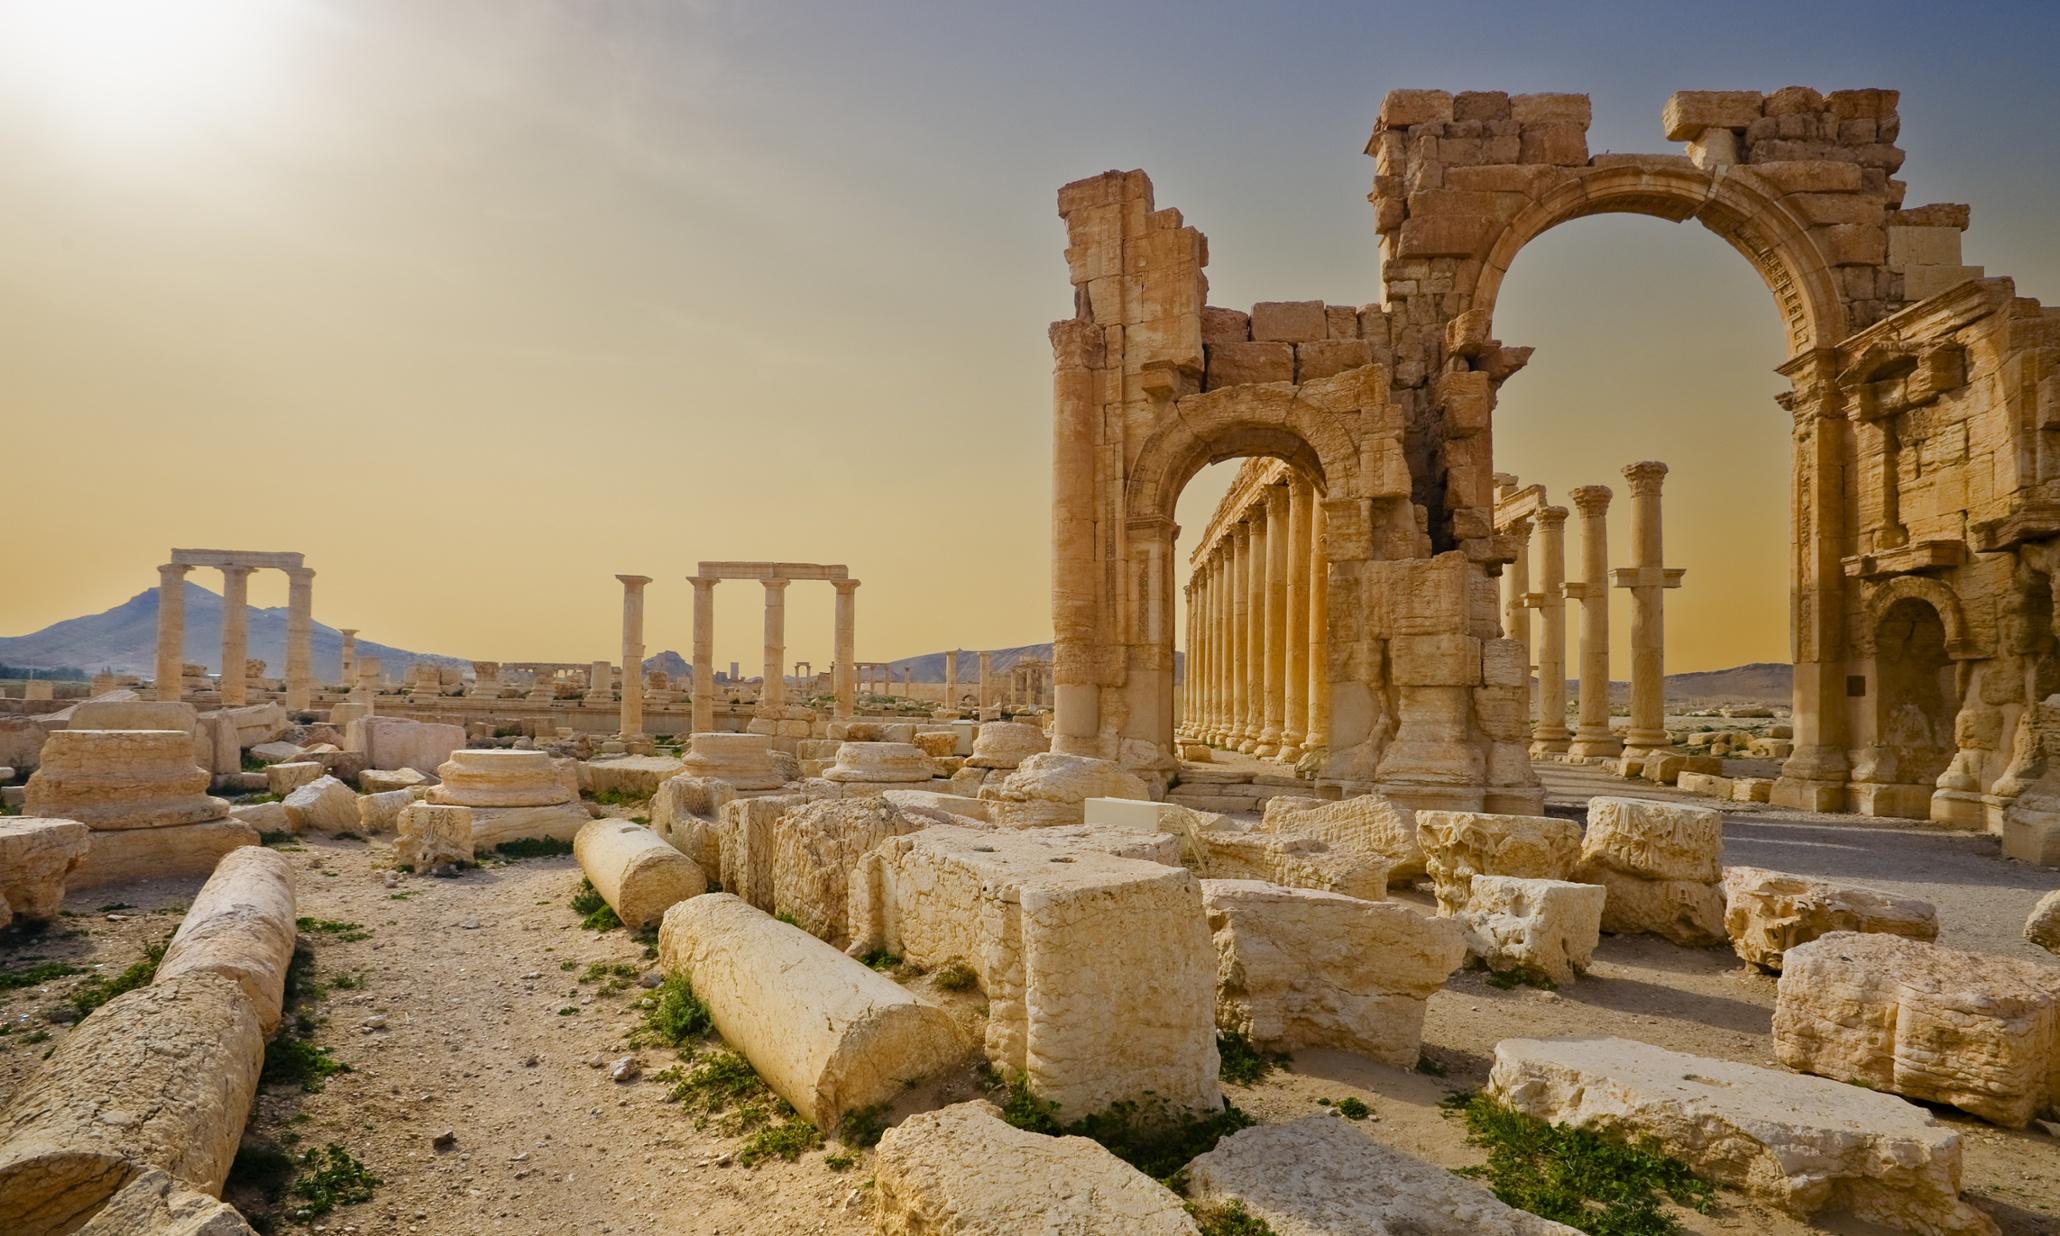 Palmyra, Persia